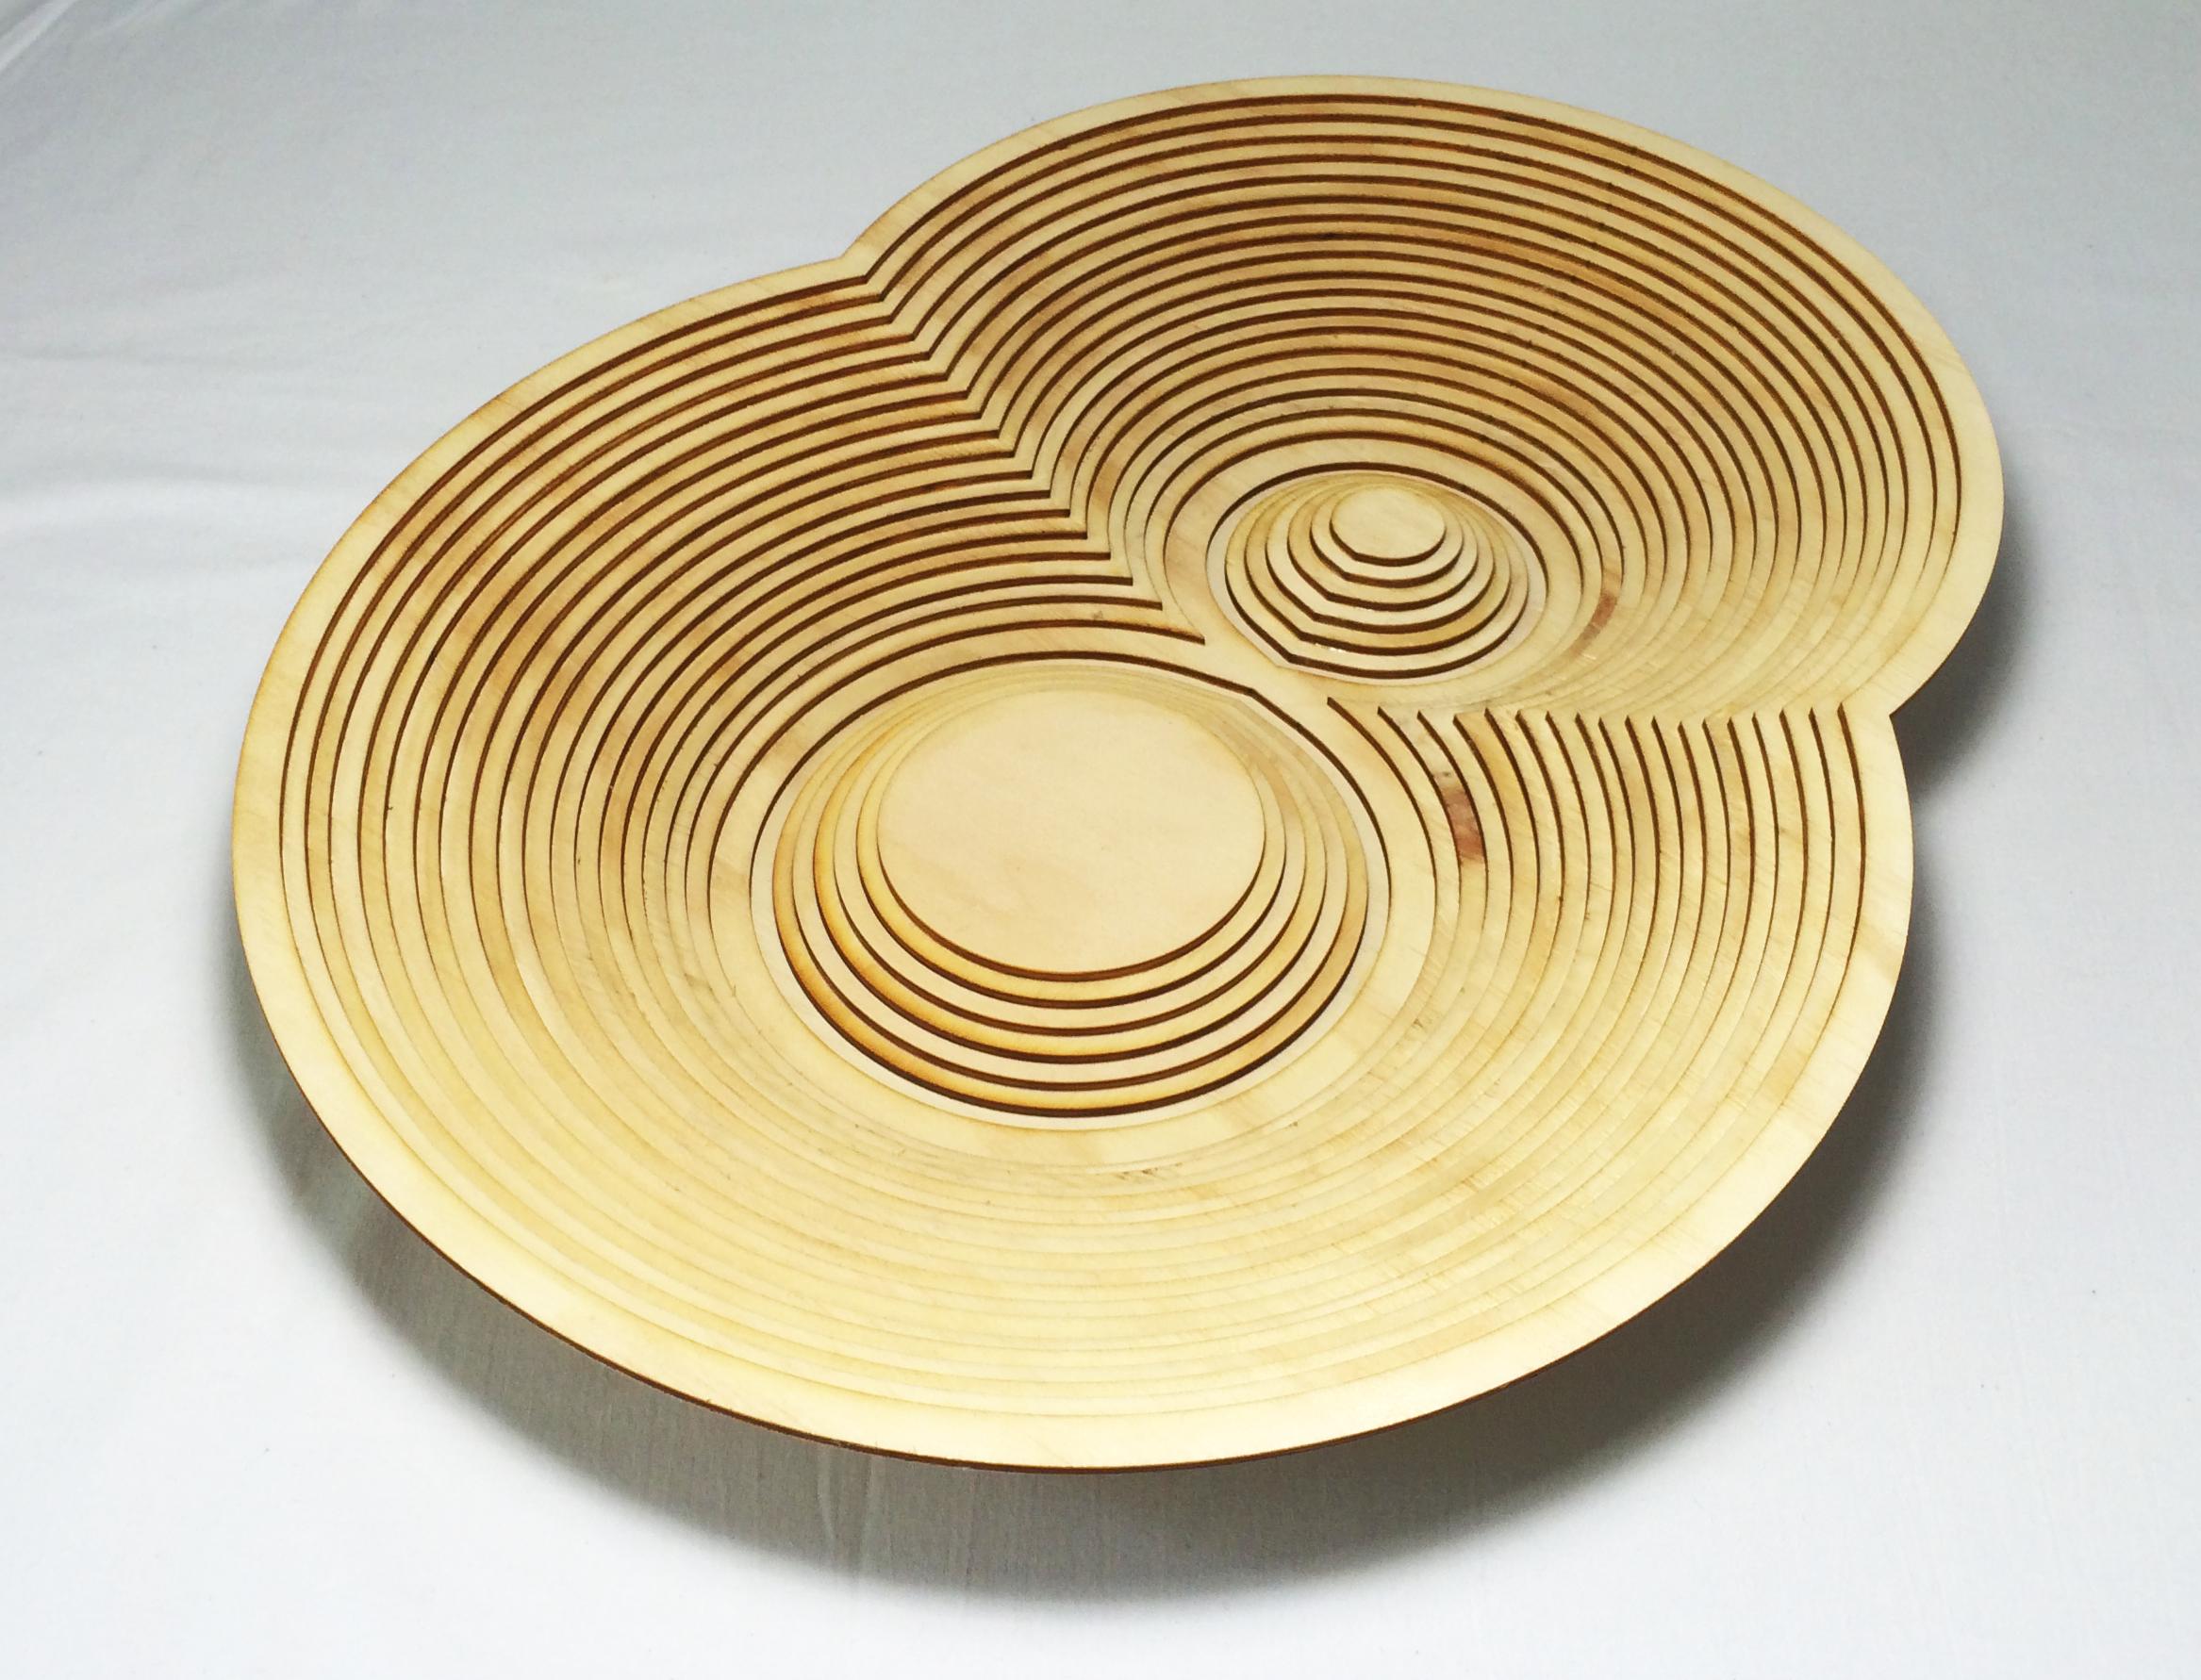 Contour Bowl by Marguerite Designs